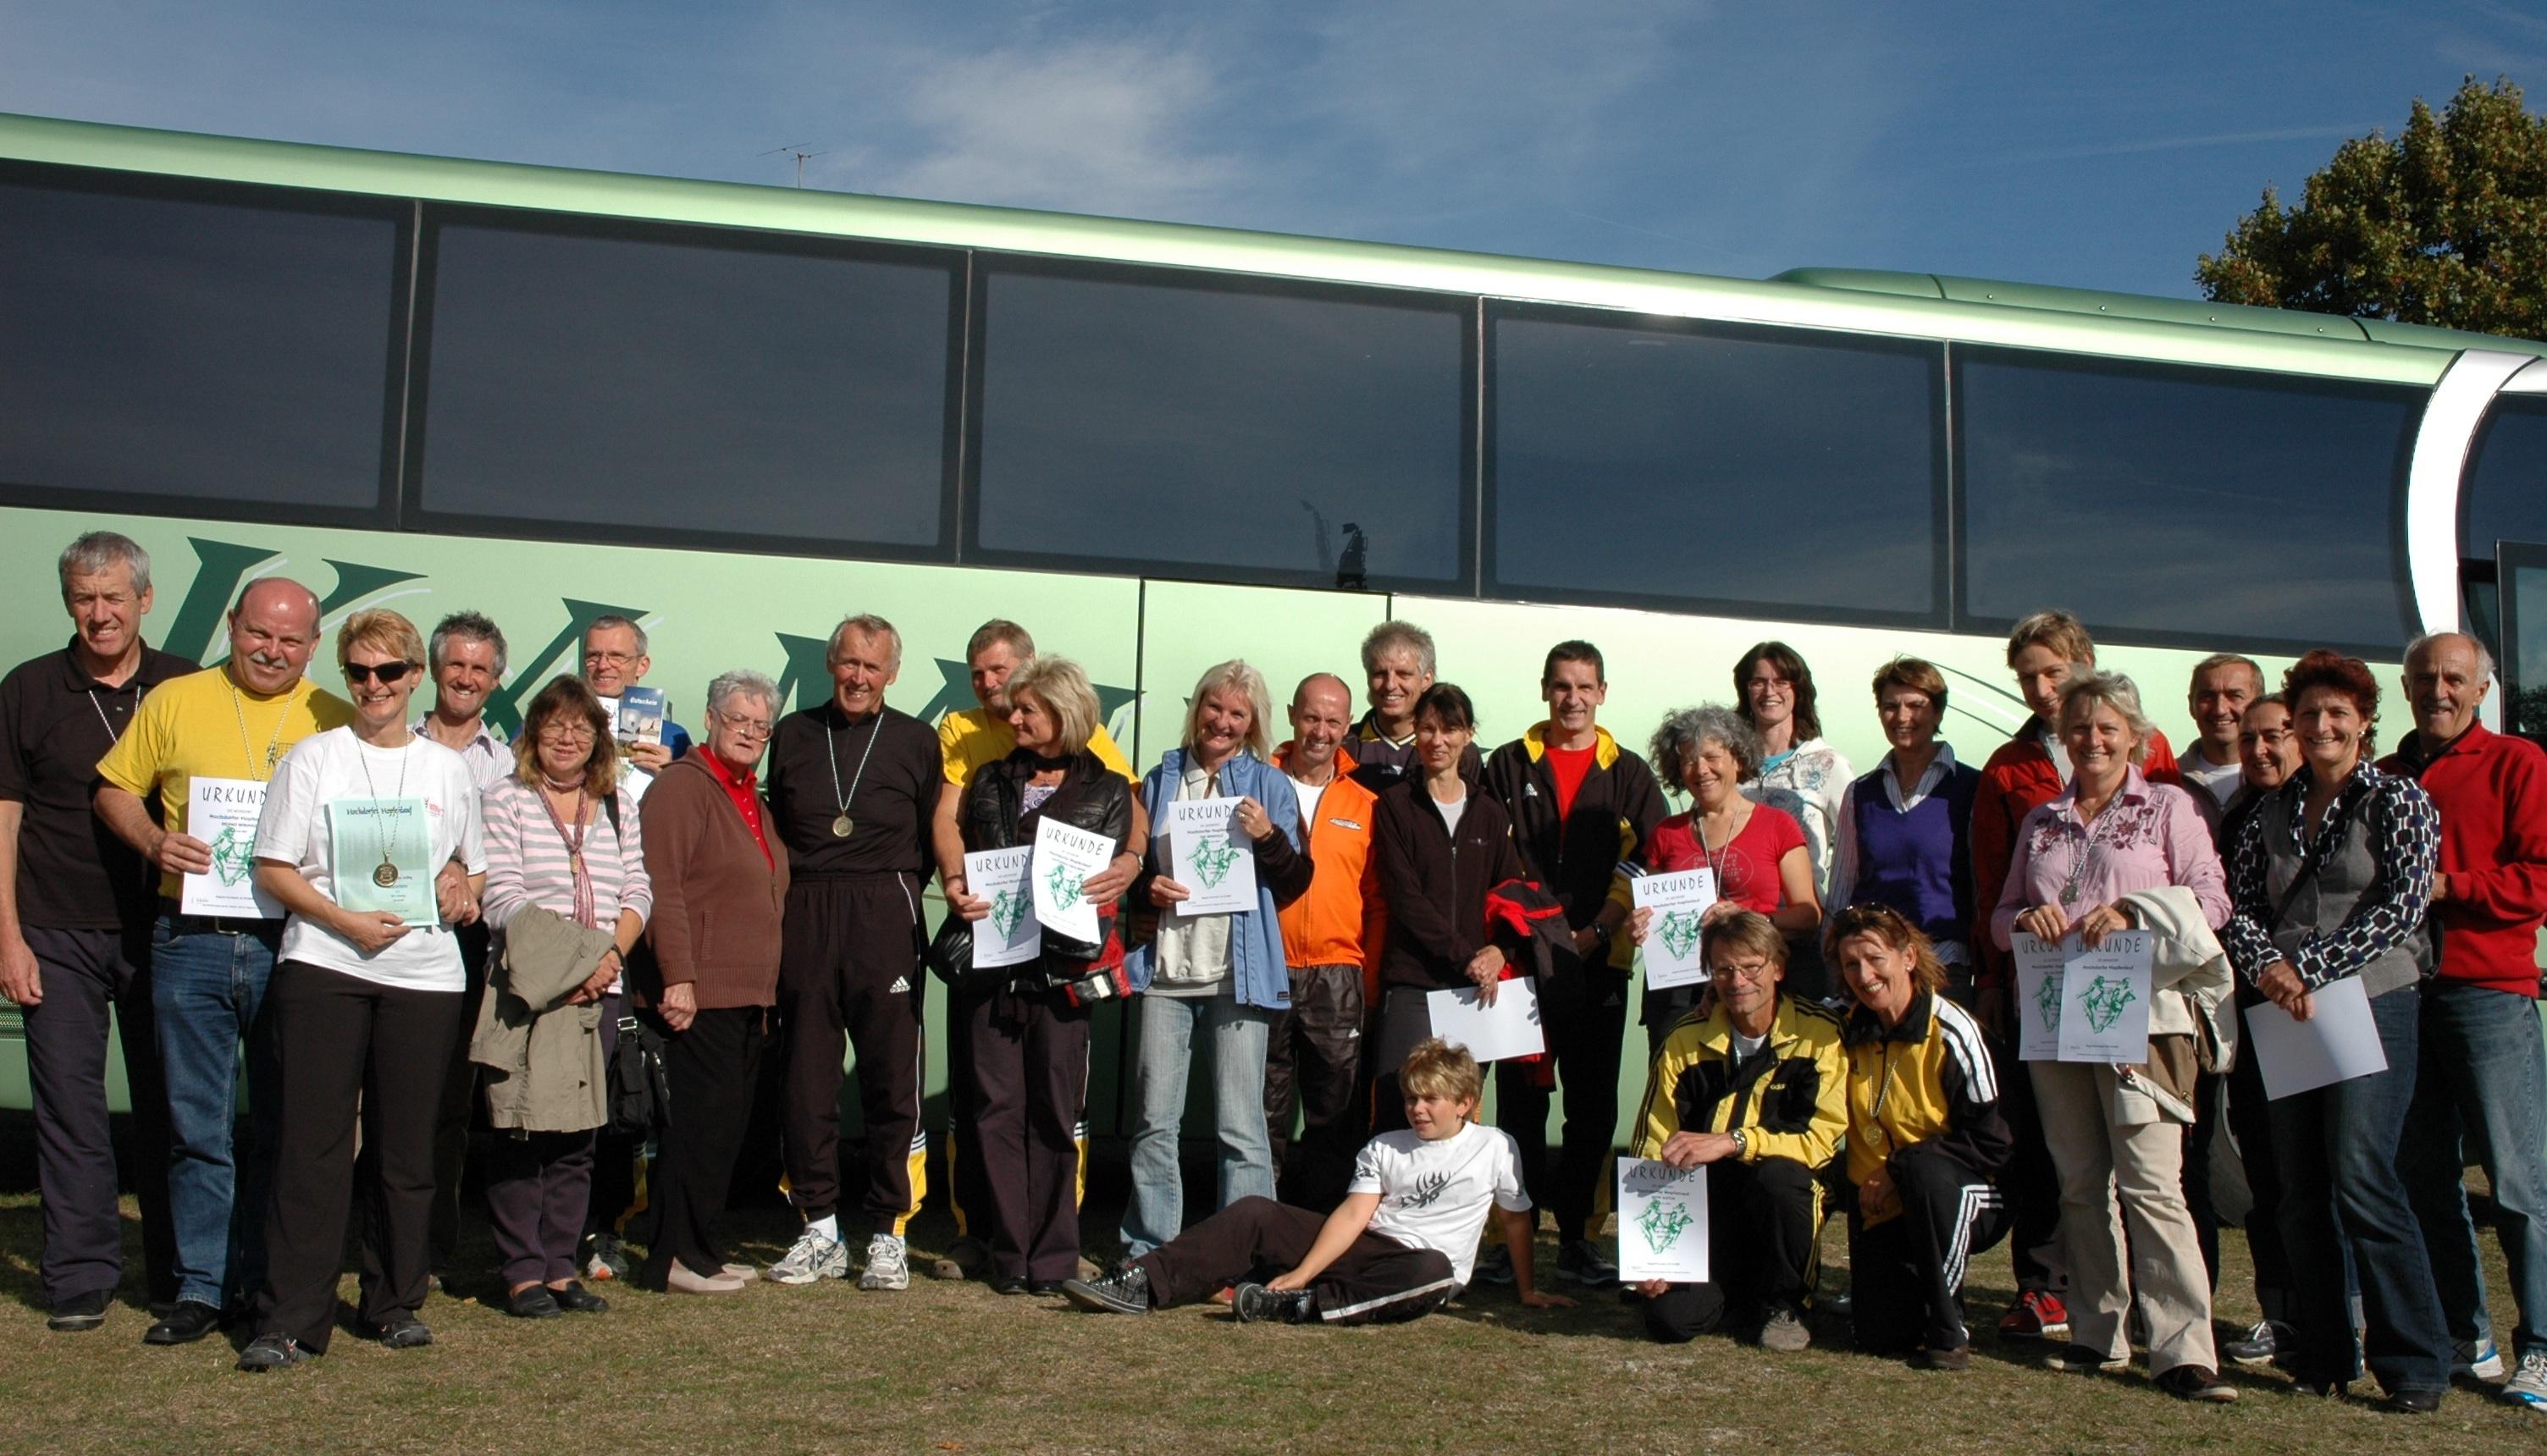 Alle Teilnehmer des Ausfluges, frisch geduscht...